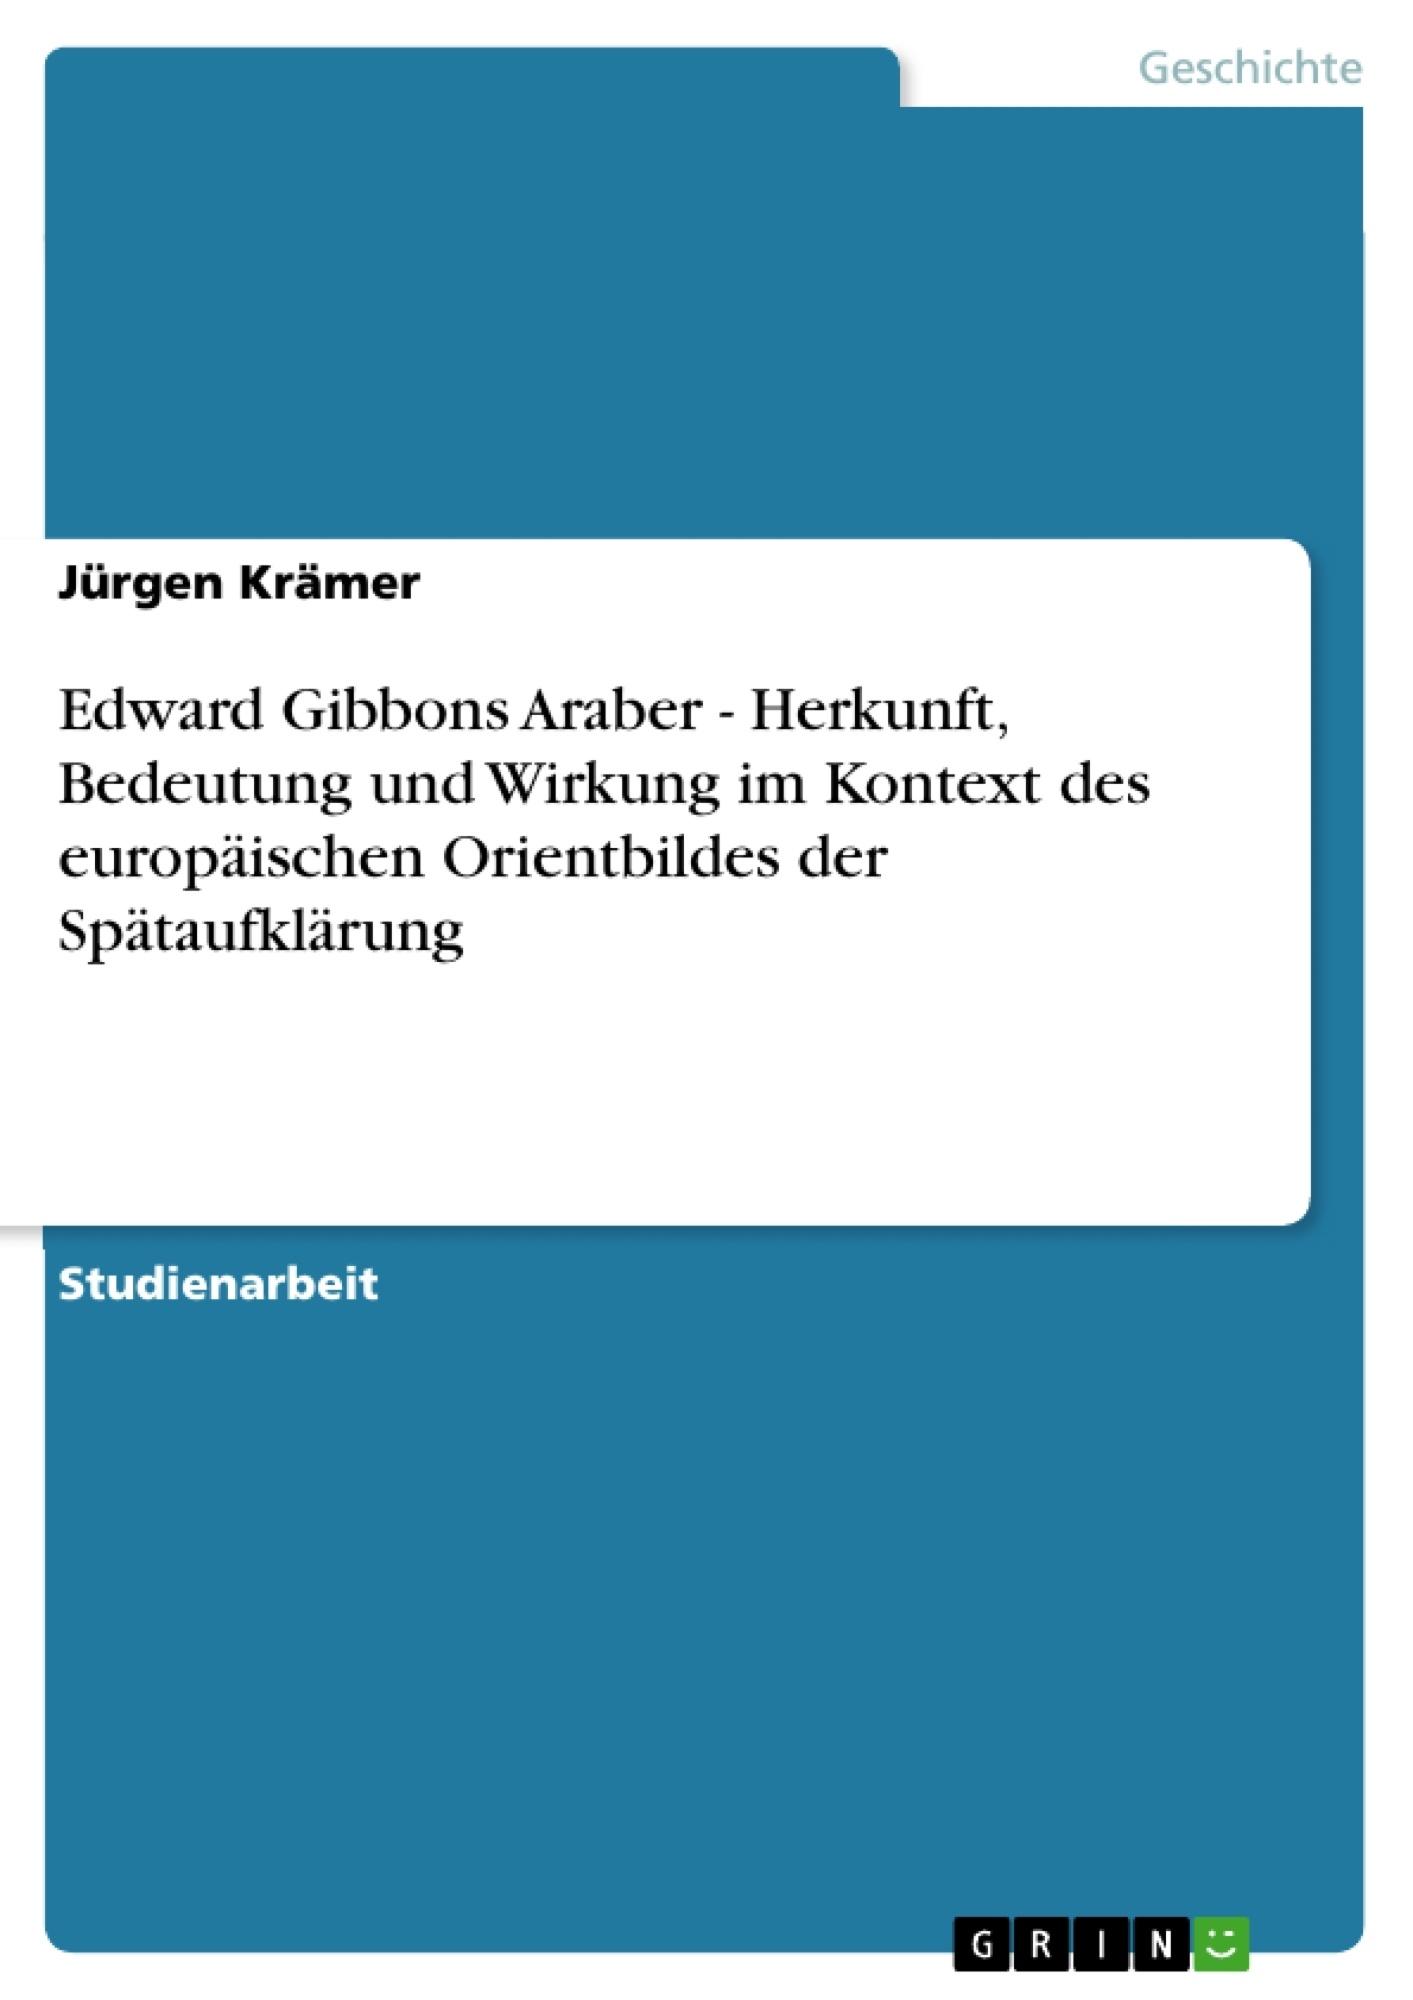 Titel: Edward Gibbons Araber - Herkunft, Bedeutung und Wirkung im Kontext des europäischen Orientbildes der Spätaufklärung